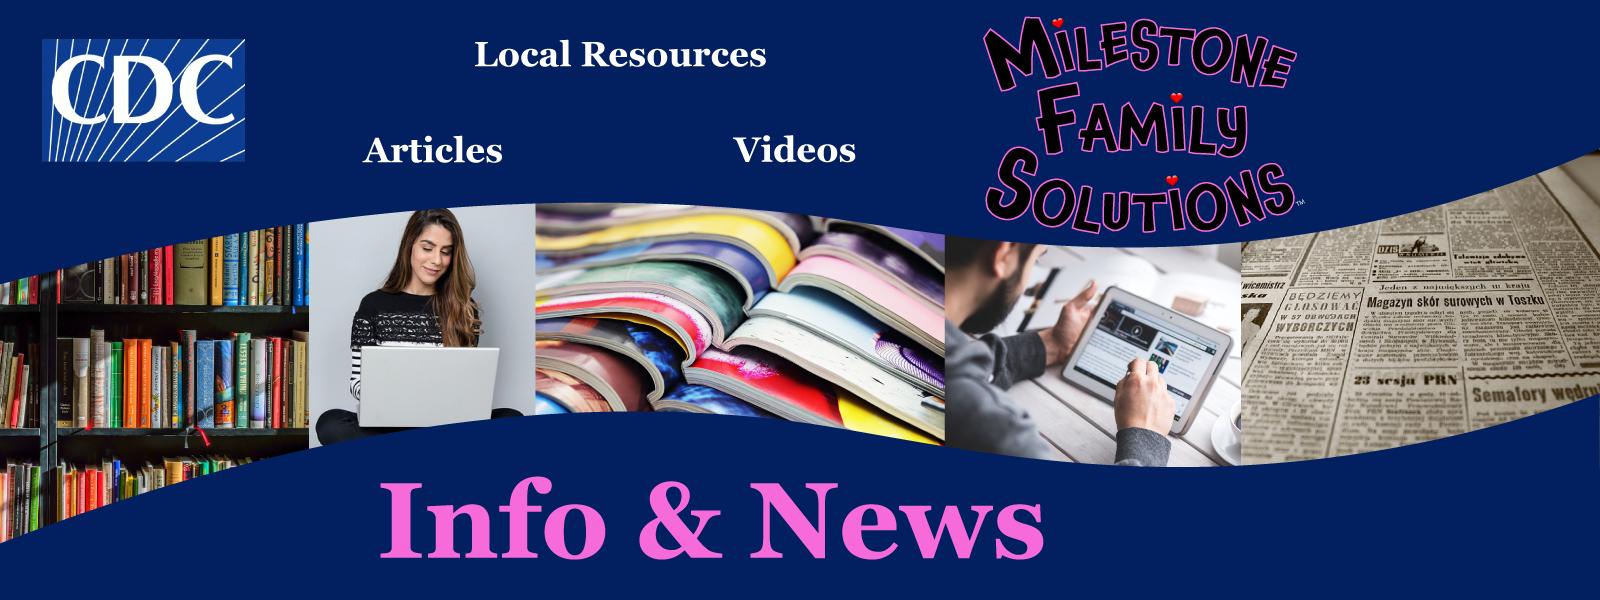 info & news header